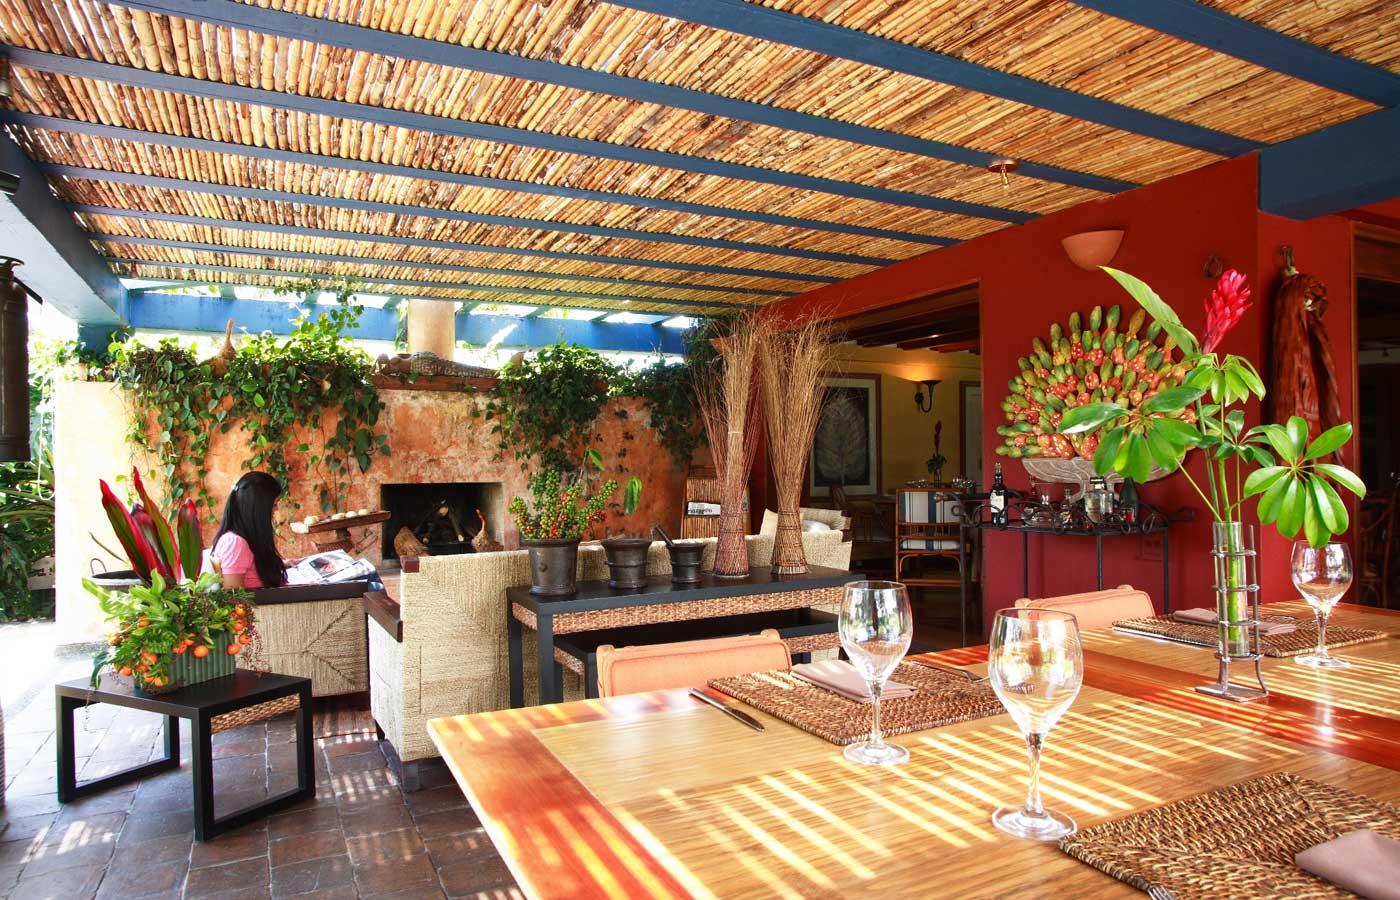 Hacienda Sazagua - the Colombian Coffee Zone